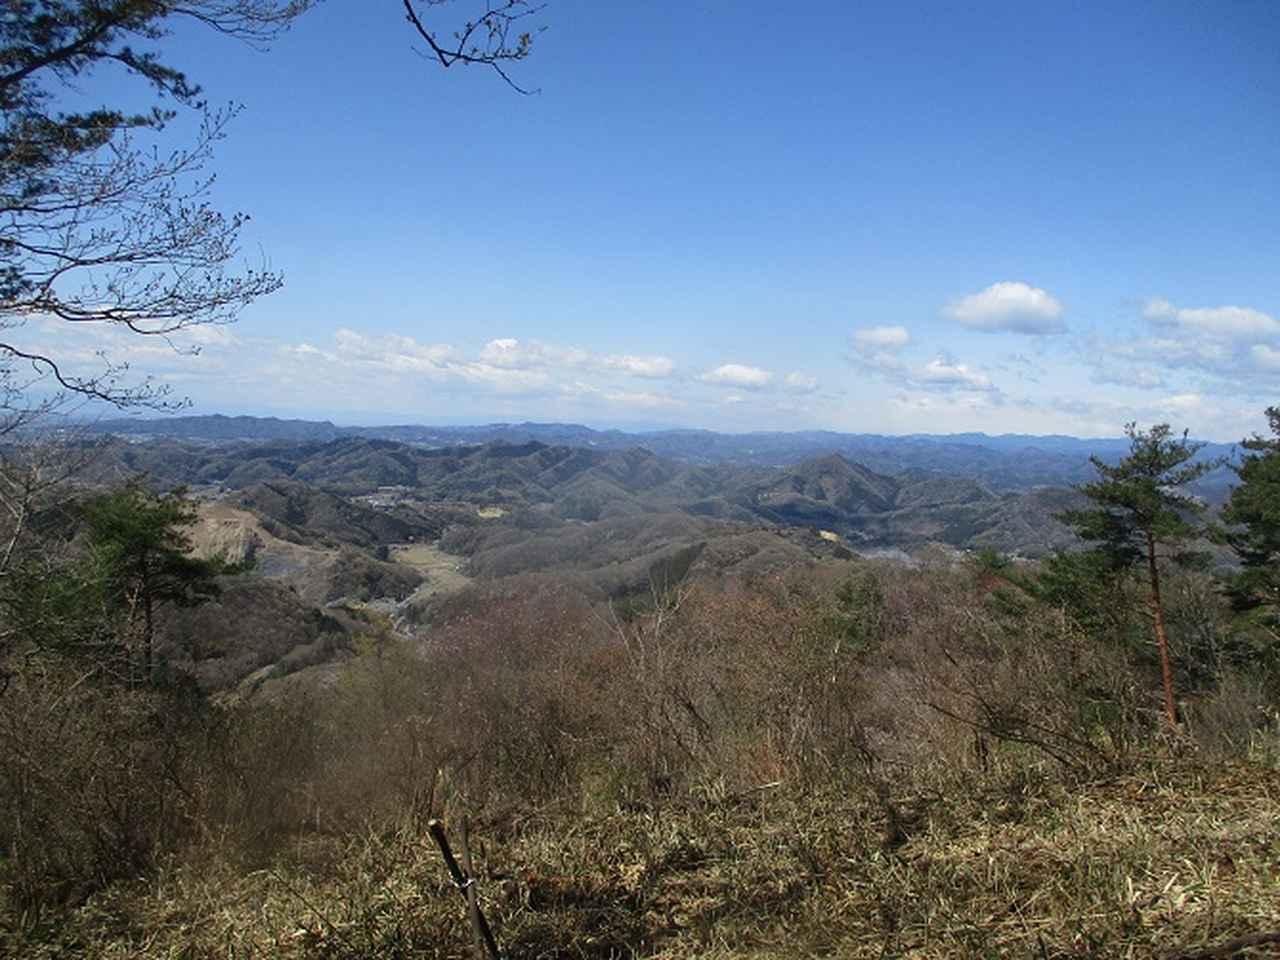 画像5: 4月9日に山旅会 晃石山から太平山 ツアーに行ってきました! にいって